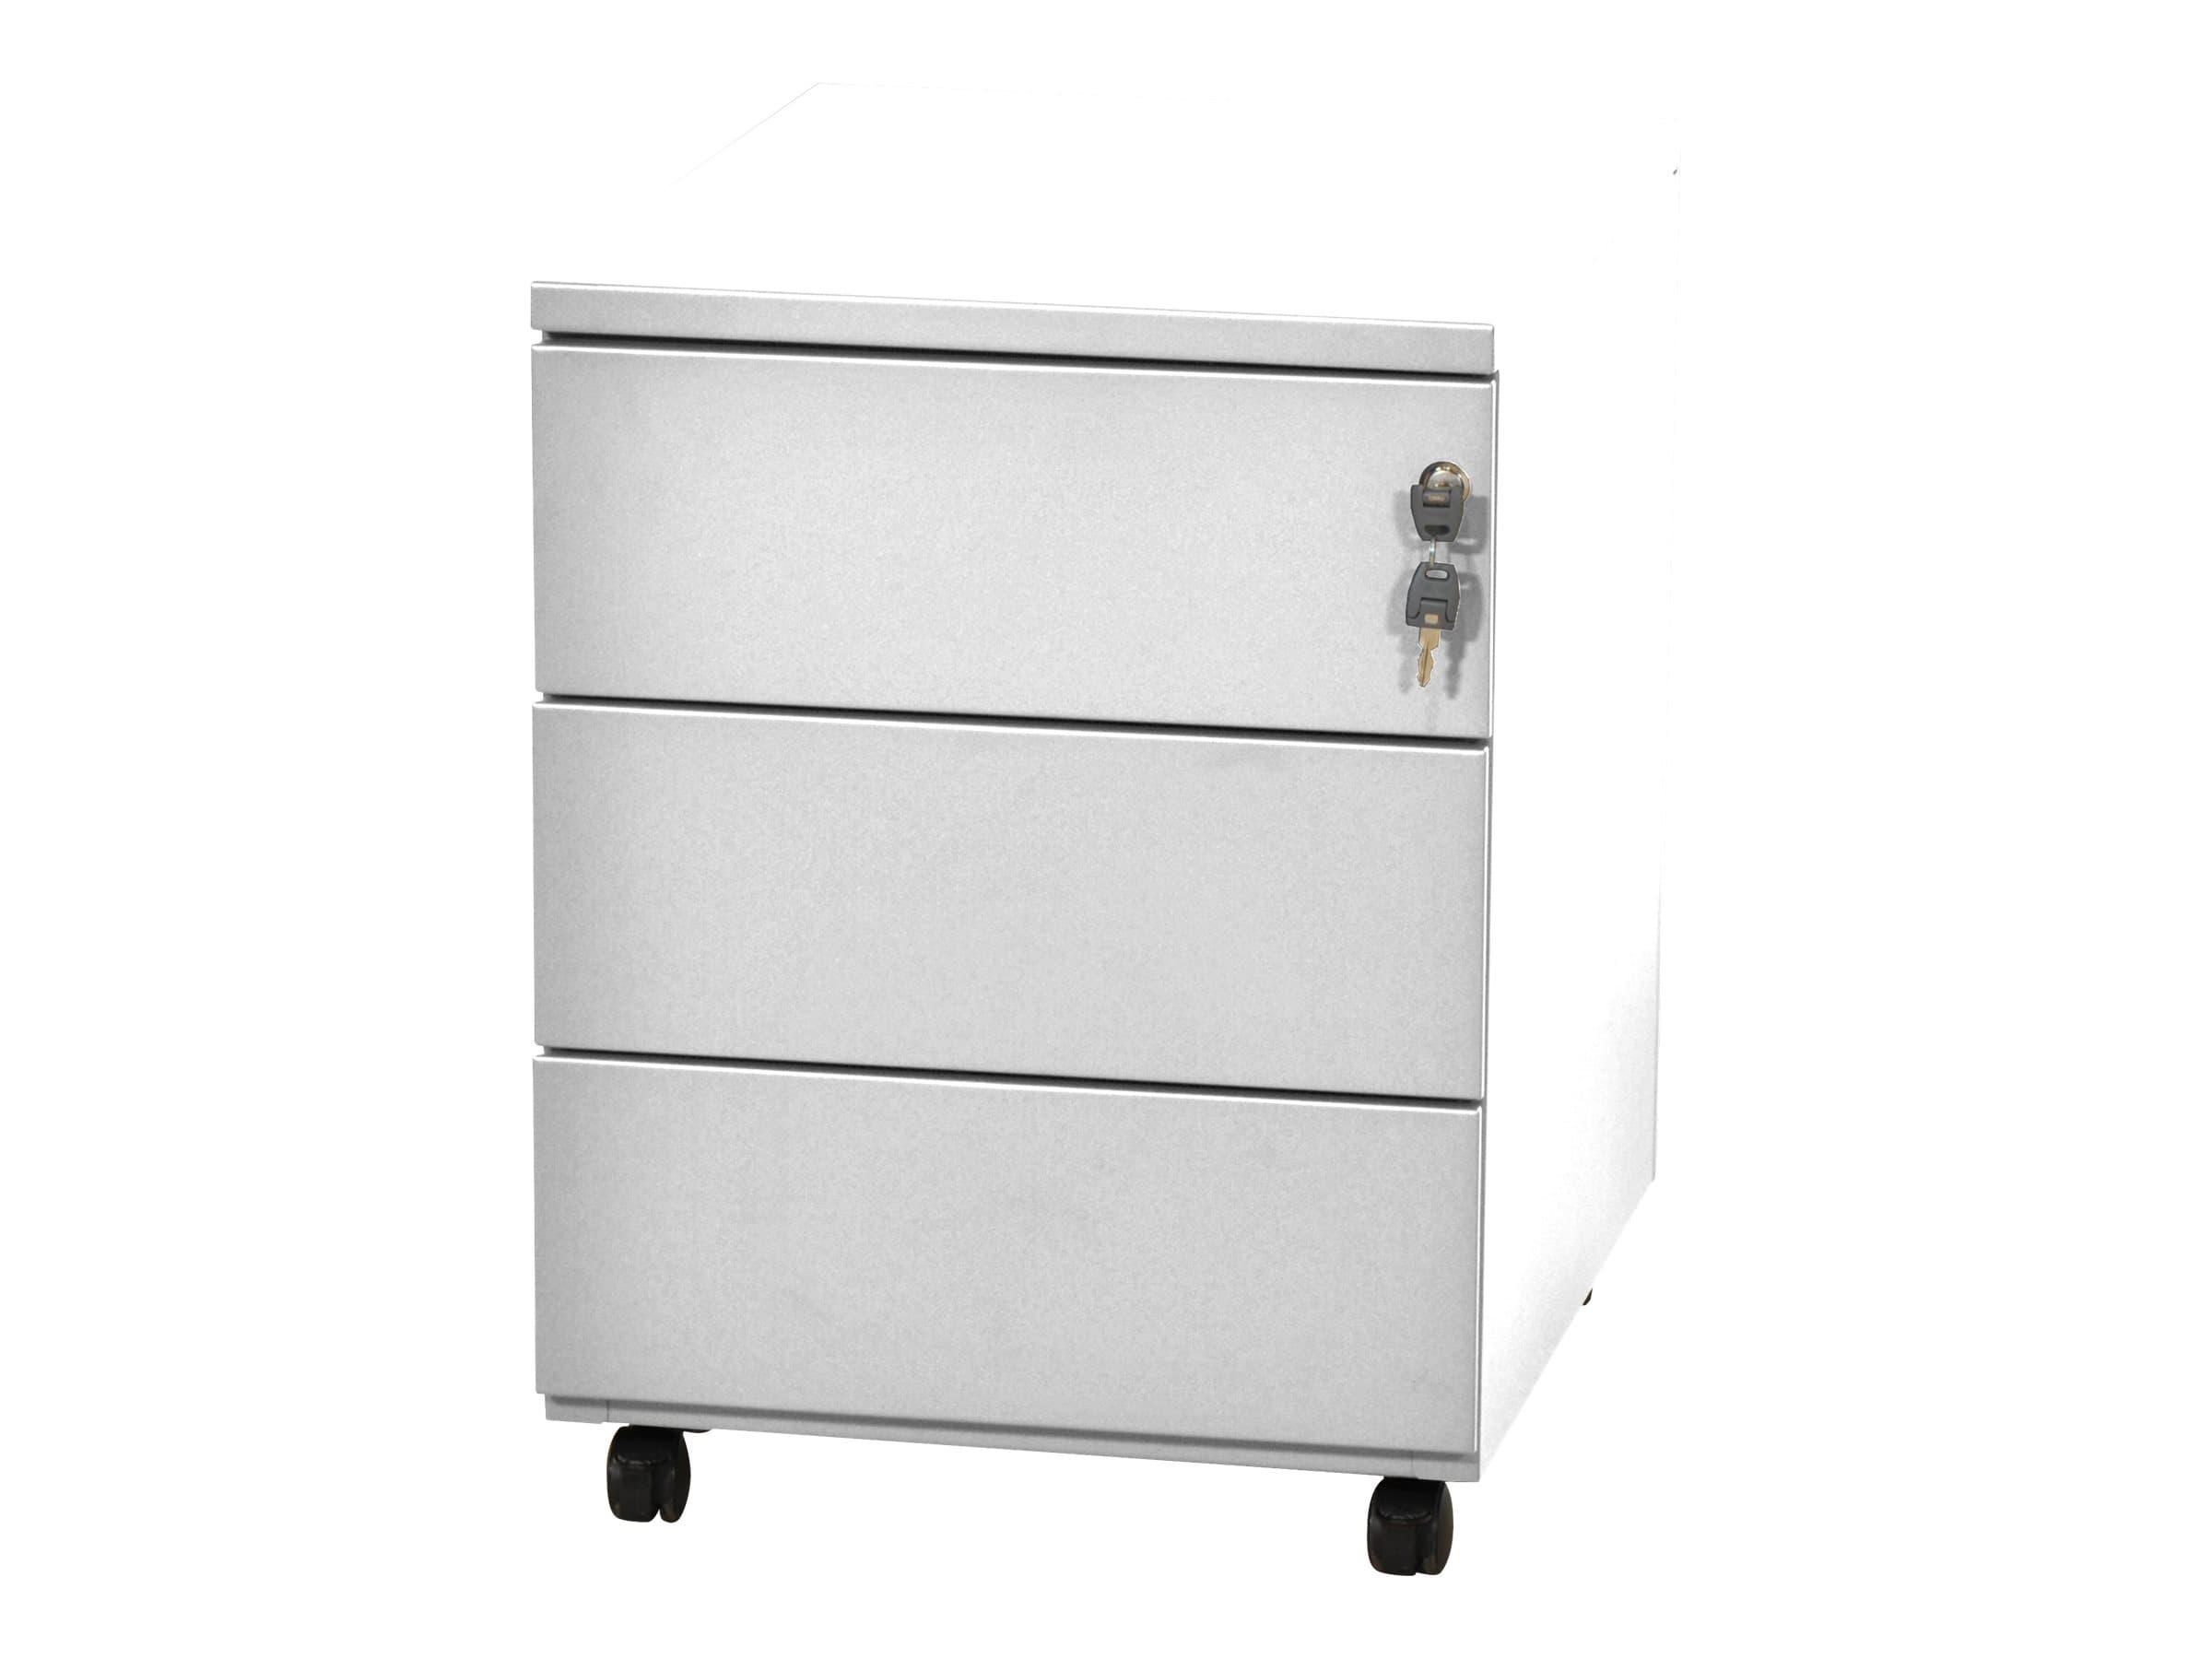 Caisson mobile - 3 tiroirs - blanc - 56,7 x 54,1 x 41,8 cm